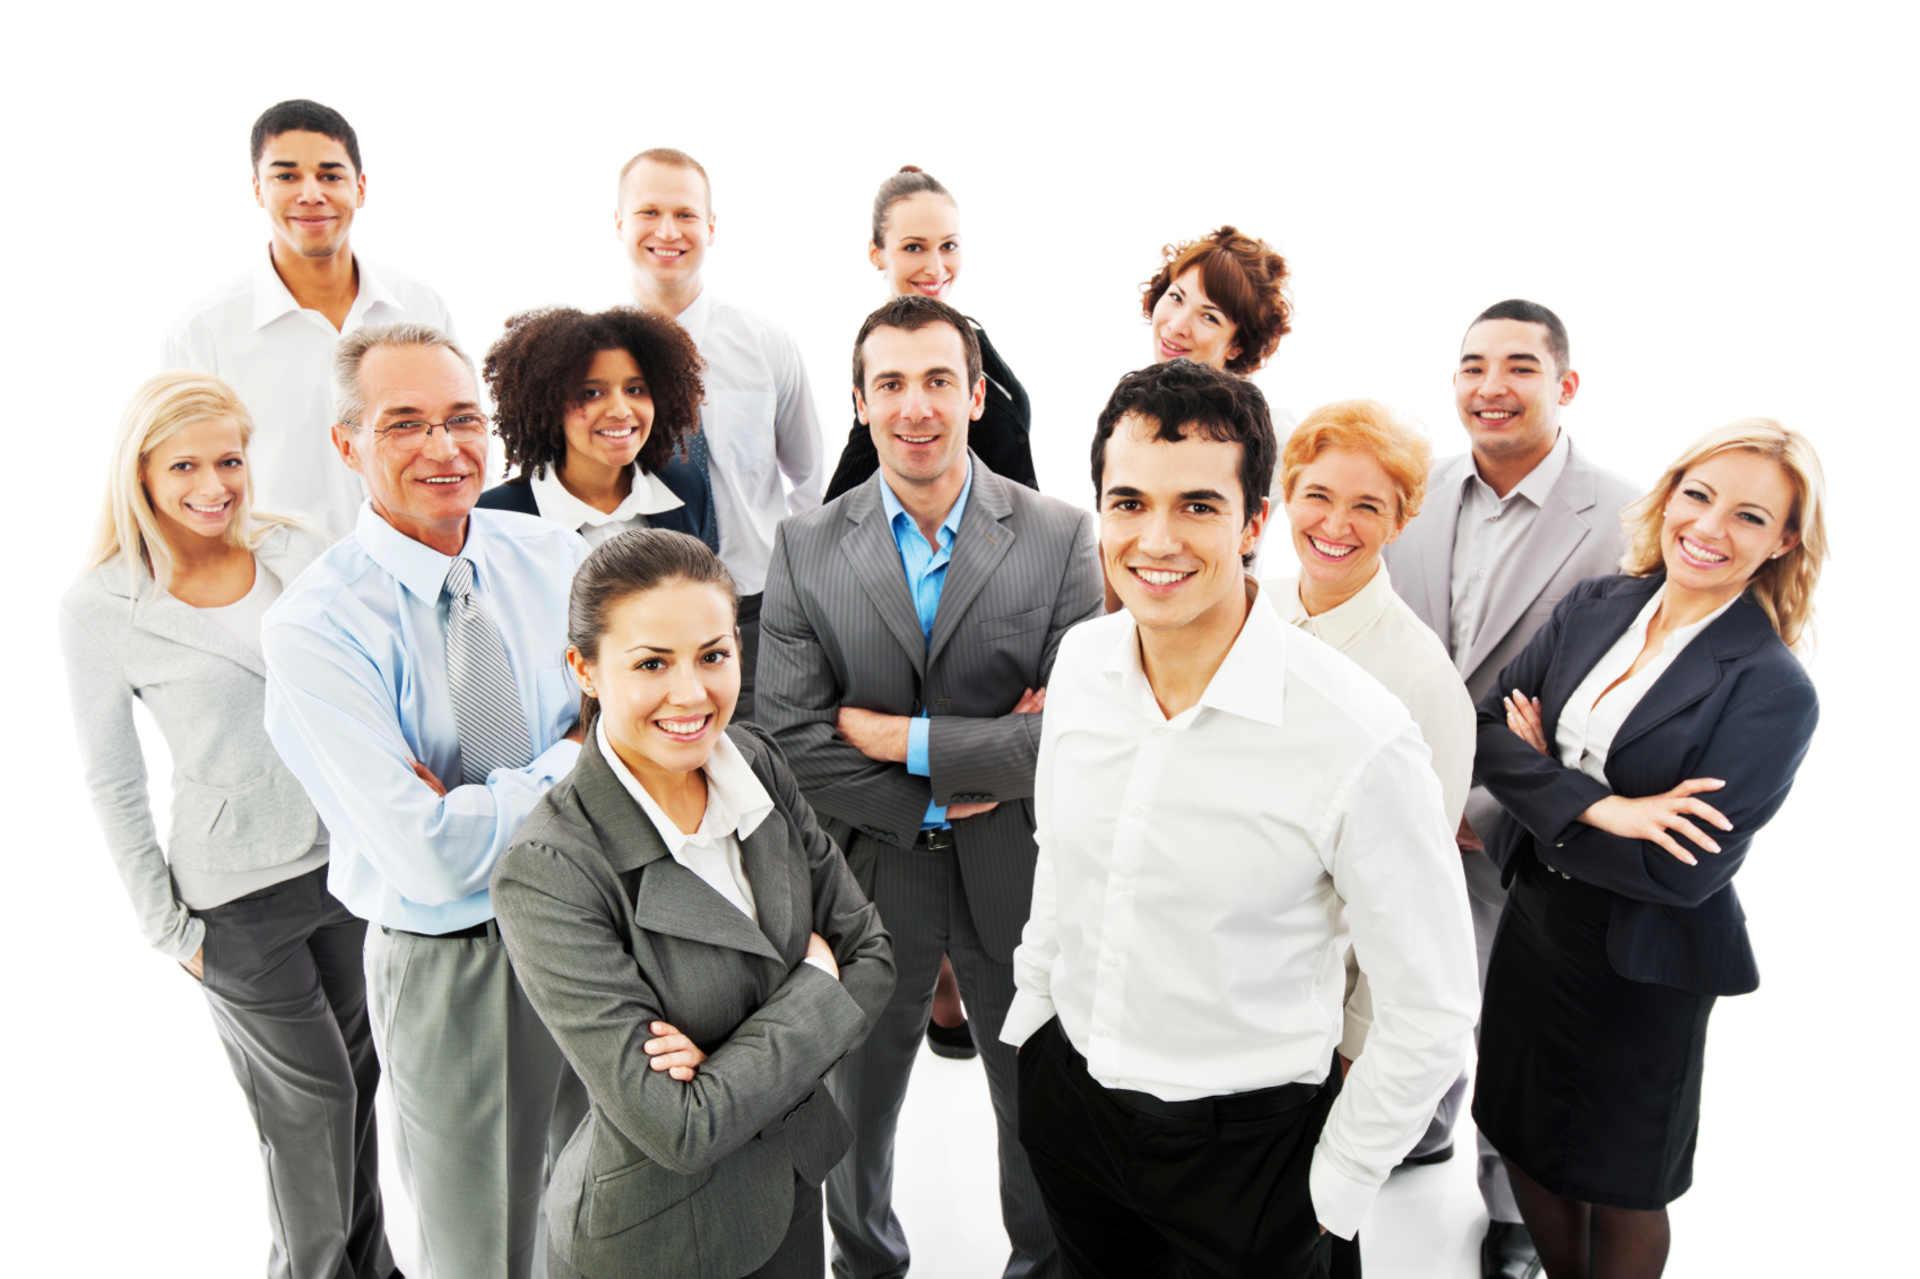 O sektörde 12 bin kişiye iş imkanı